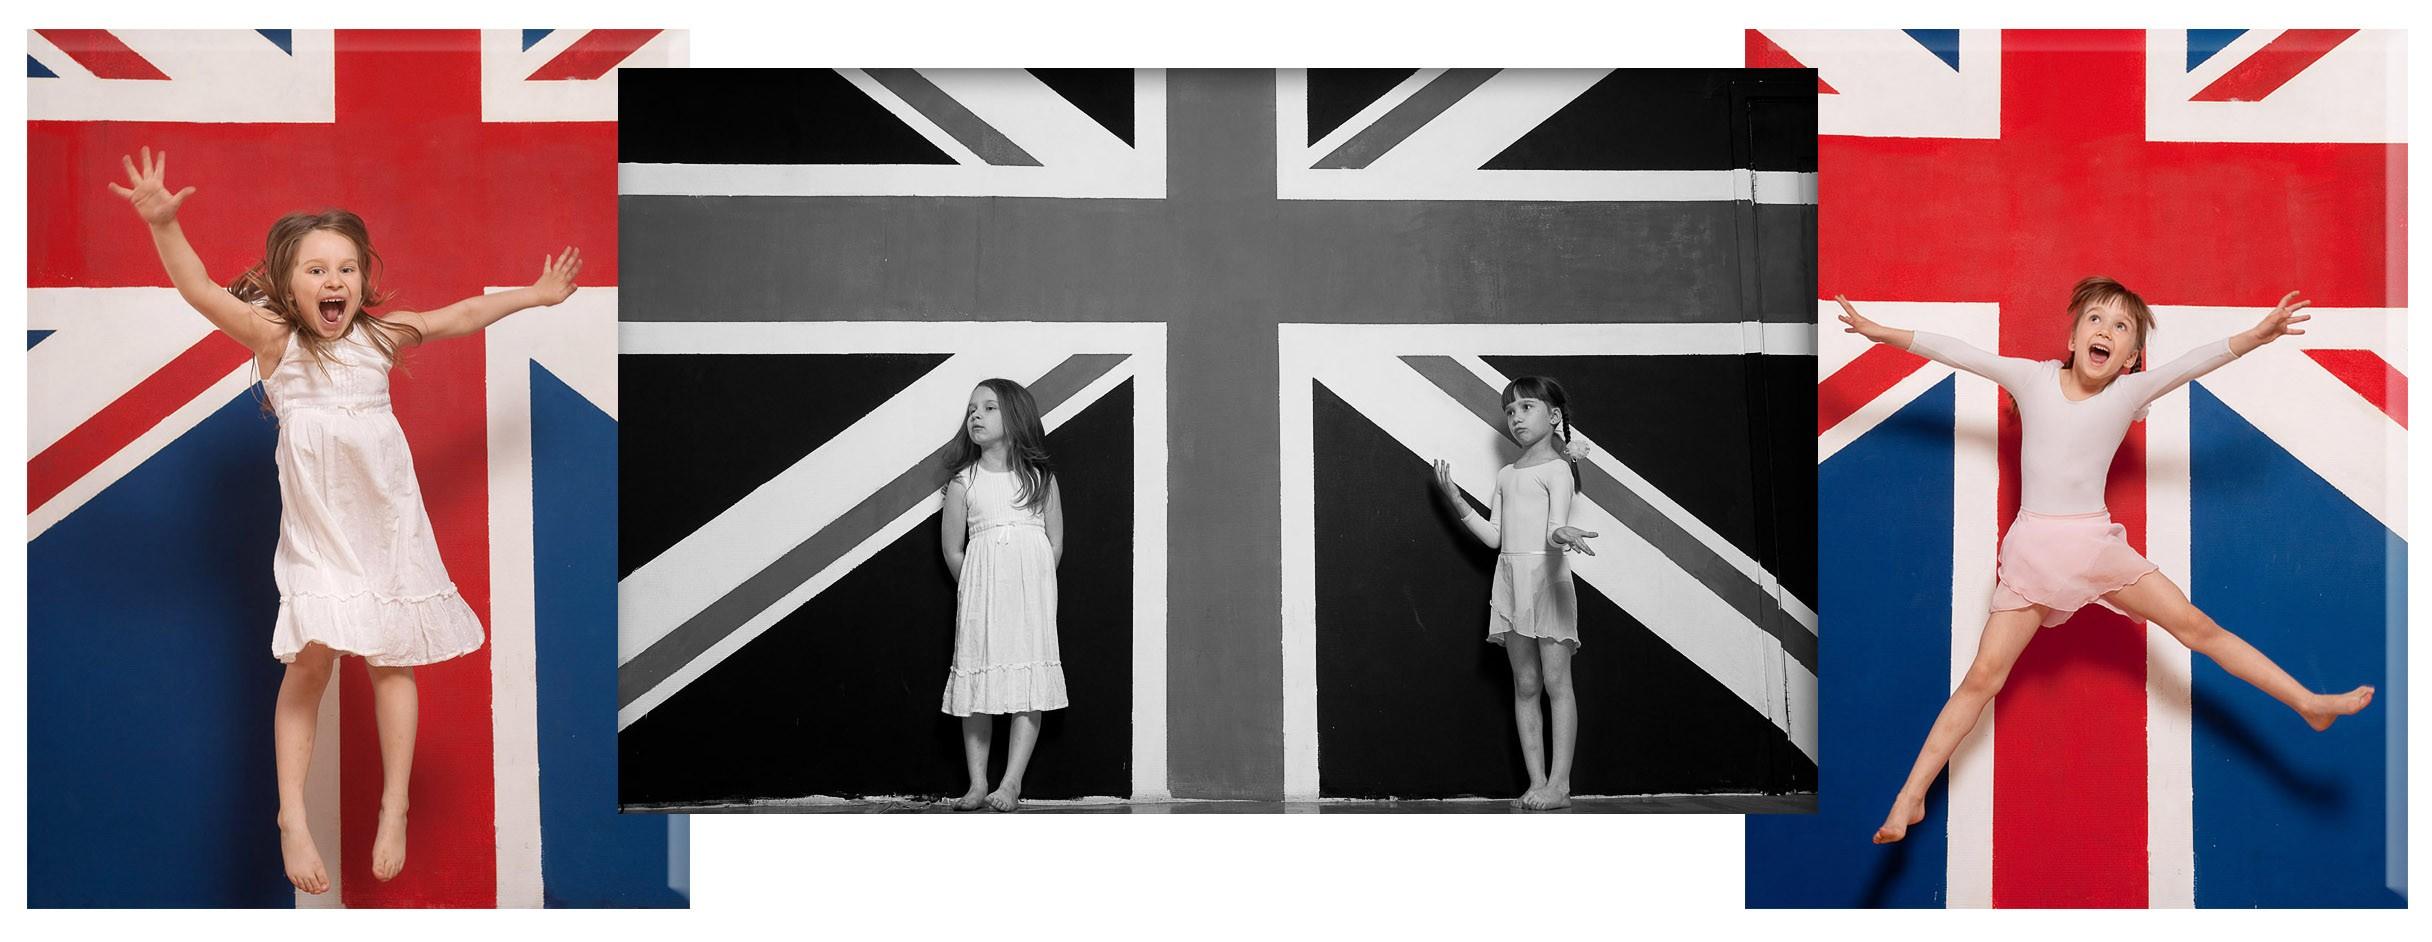 Детские фотосессии в студии и на выезде. Фотограф Кирилл Толль. Москва